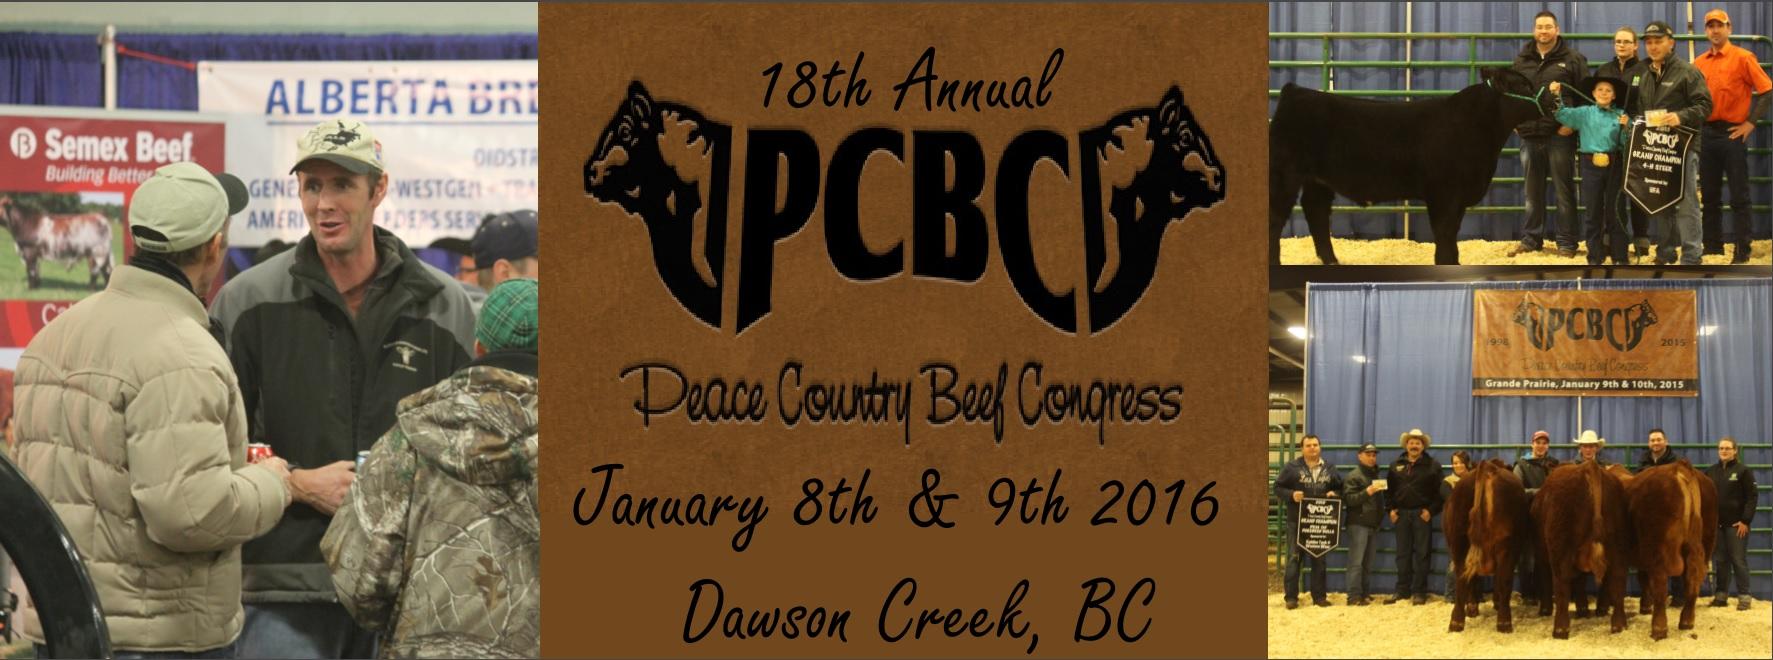 PCBC Cover Photo 2